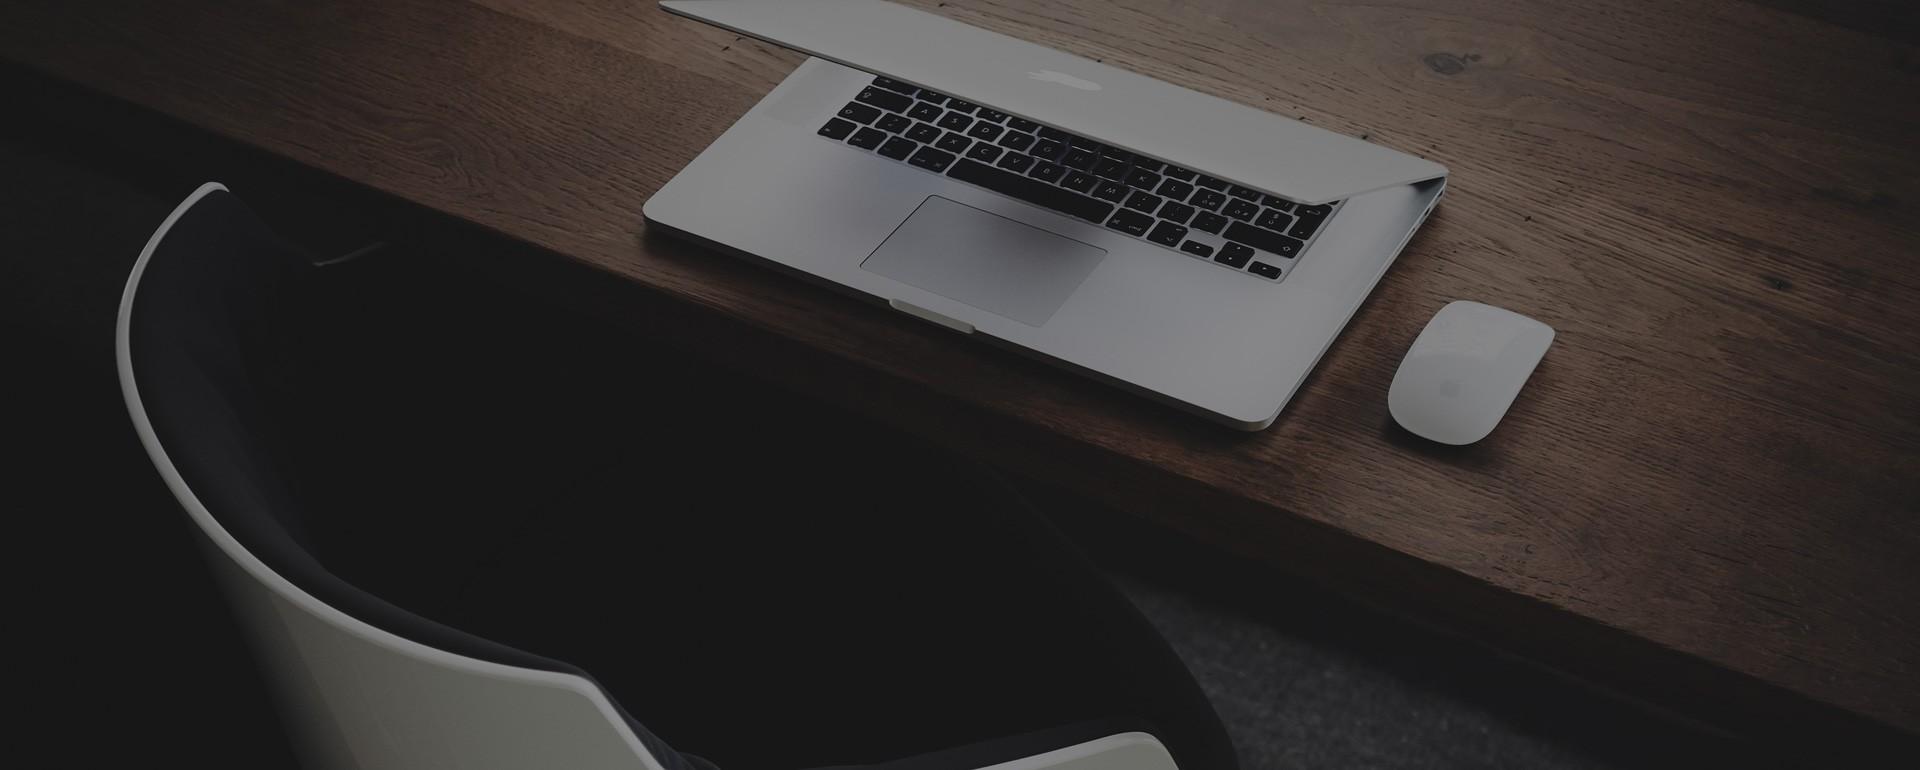 آموزش وردپرس٬ مارکتینگ و ارتقای کسب و کارهای آنلاین 17